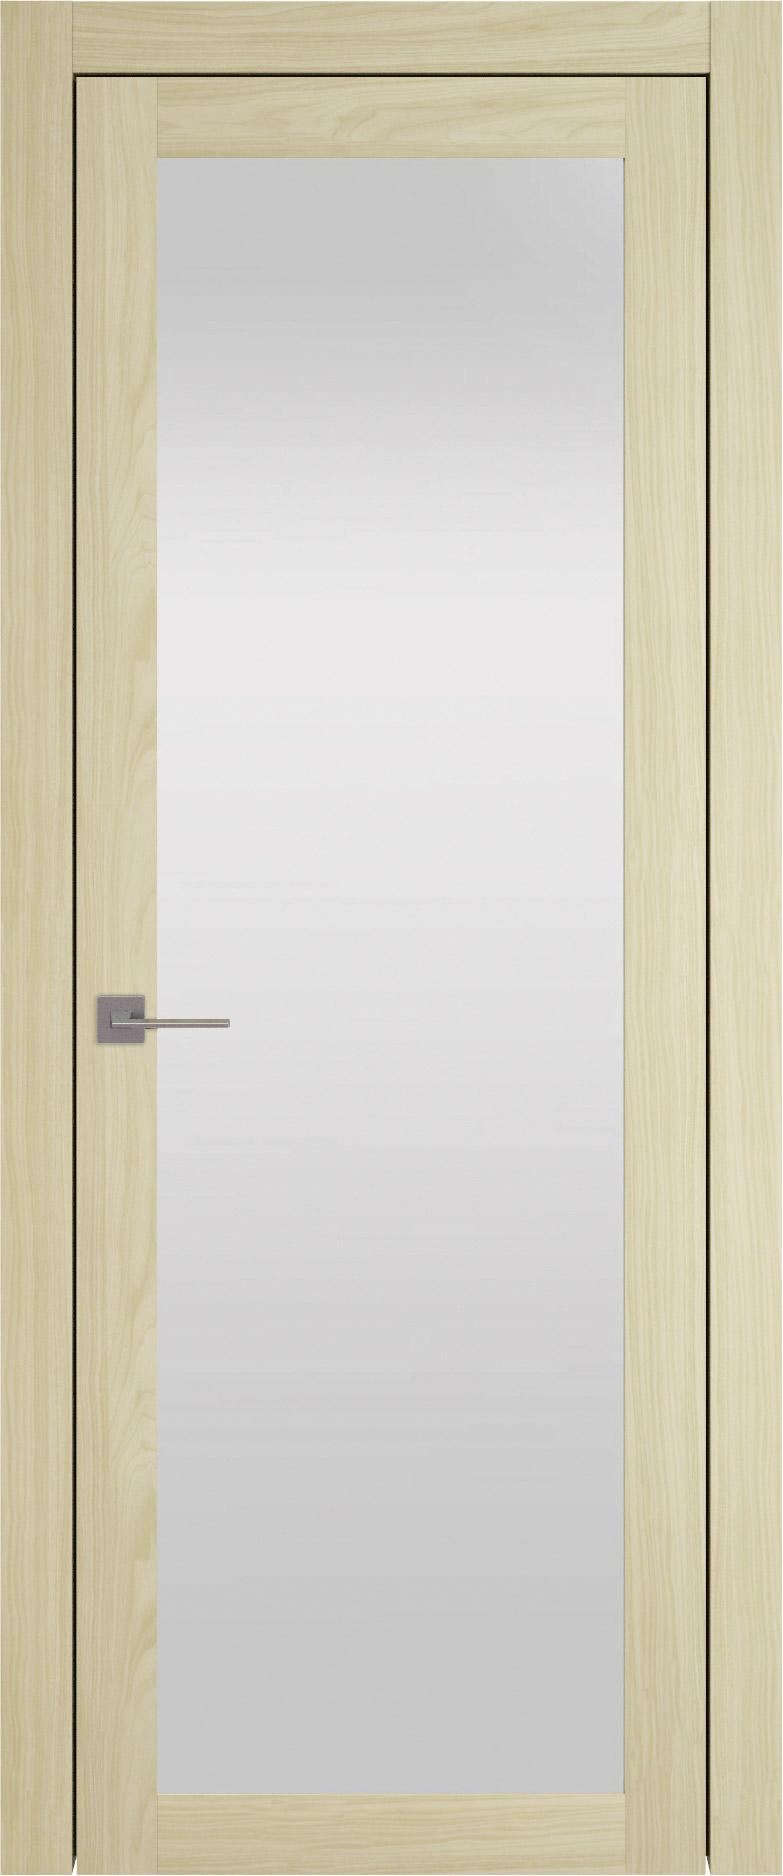 Tivoli З-1 цвет - Дуб нордик Со стеклом (ДО)